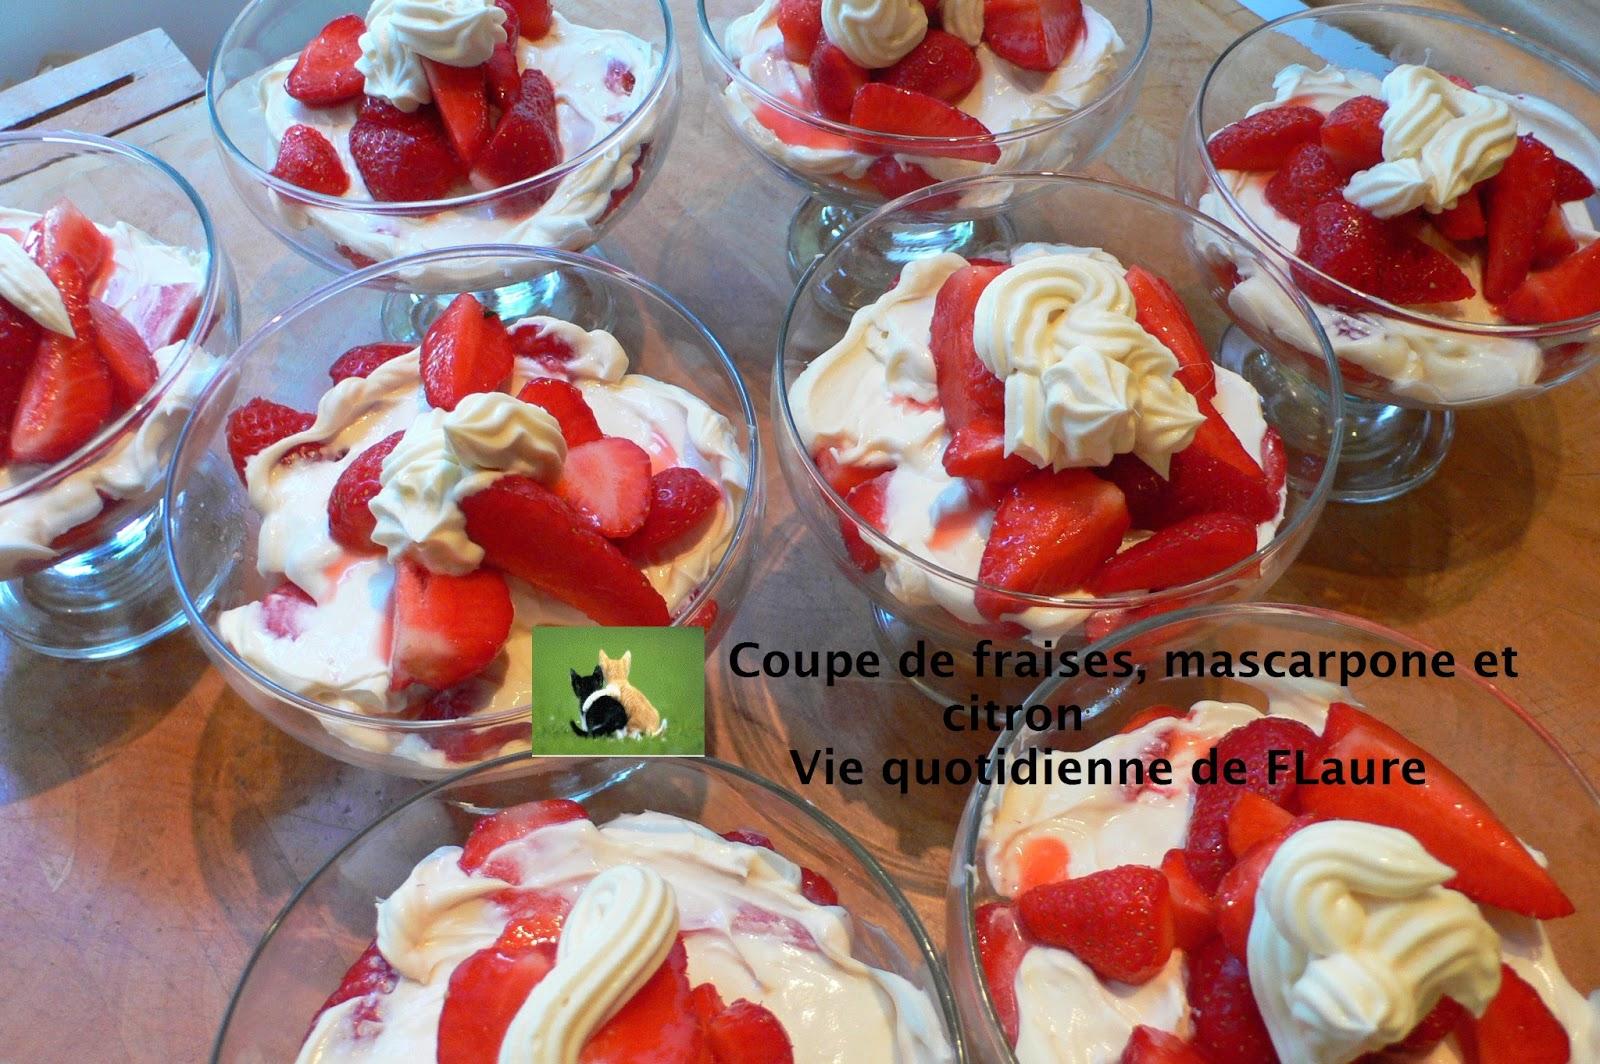 Coupe de fraises mascarpone et citron - Coupe de fraises mascarpone ...